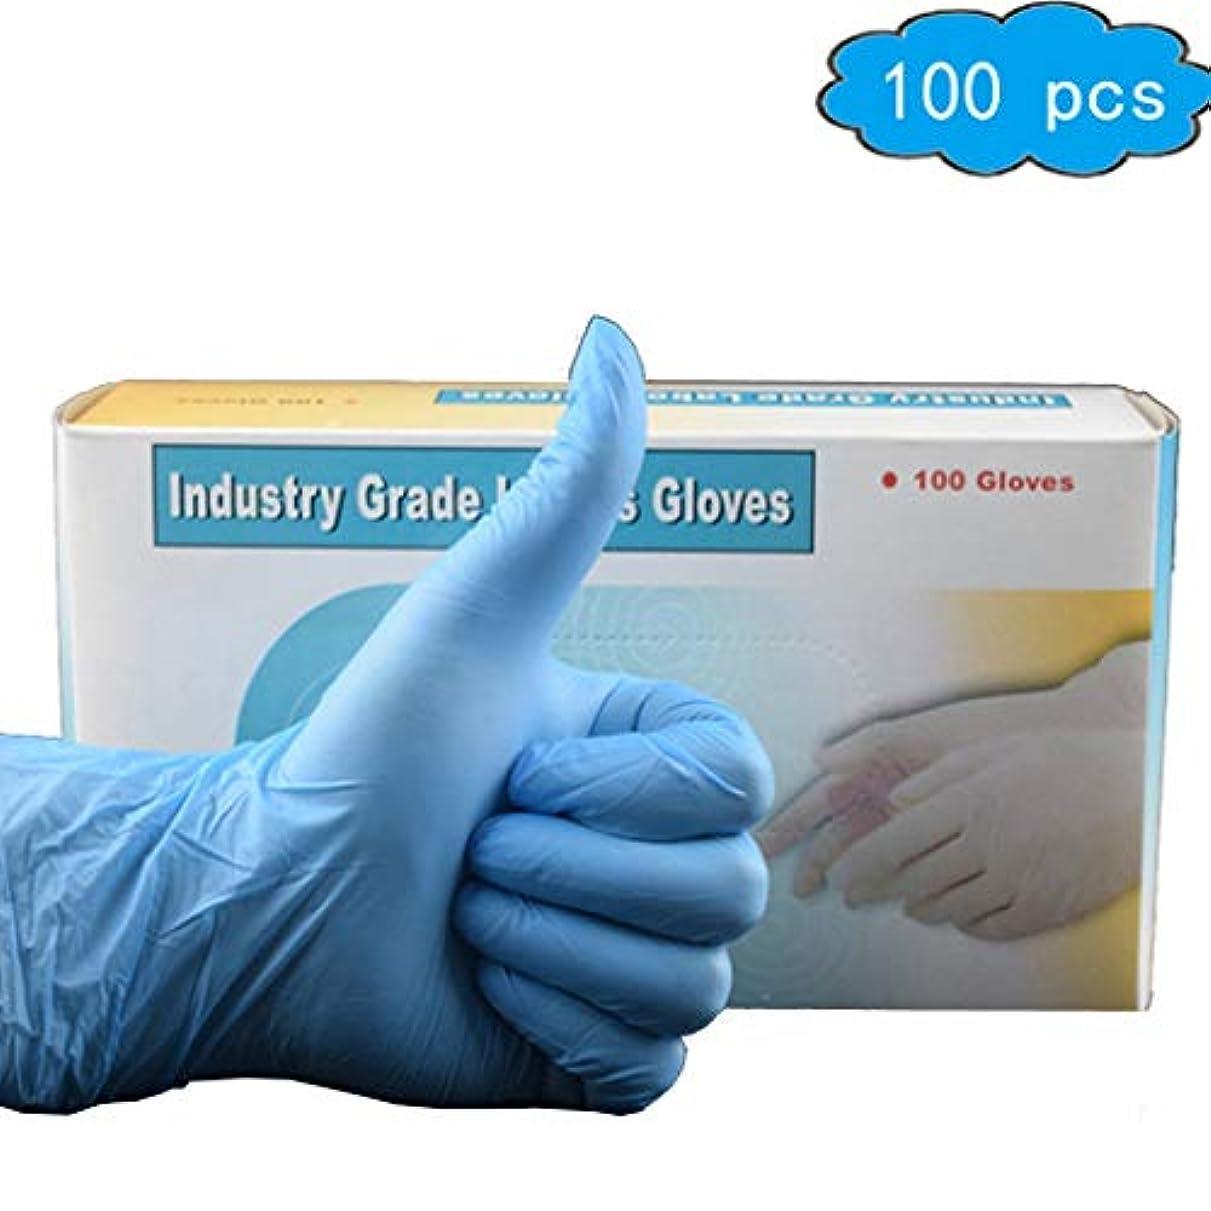 呪い雲オゾン使い捨て手袋、子供用使い捨て手袋、子供用ニトリル手袋 - 粉末なし、ラテックスなし、無臭、食品等級、アレルギー、質感のある指 - 100PCSブルー (Color : Blue, Size : L)